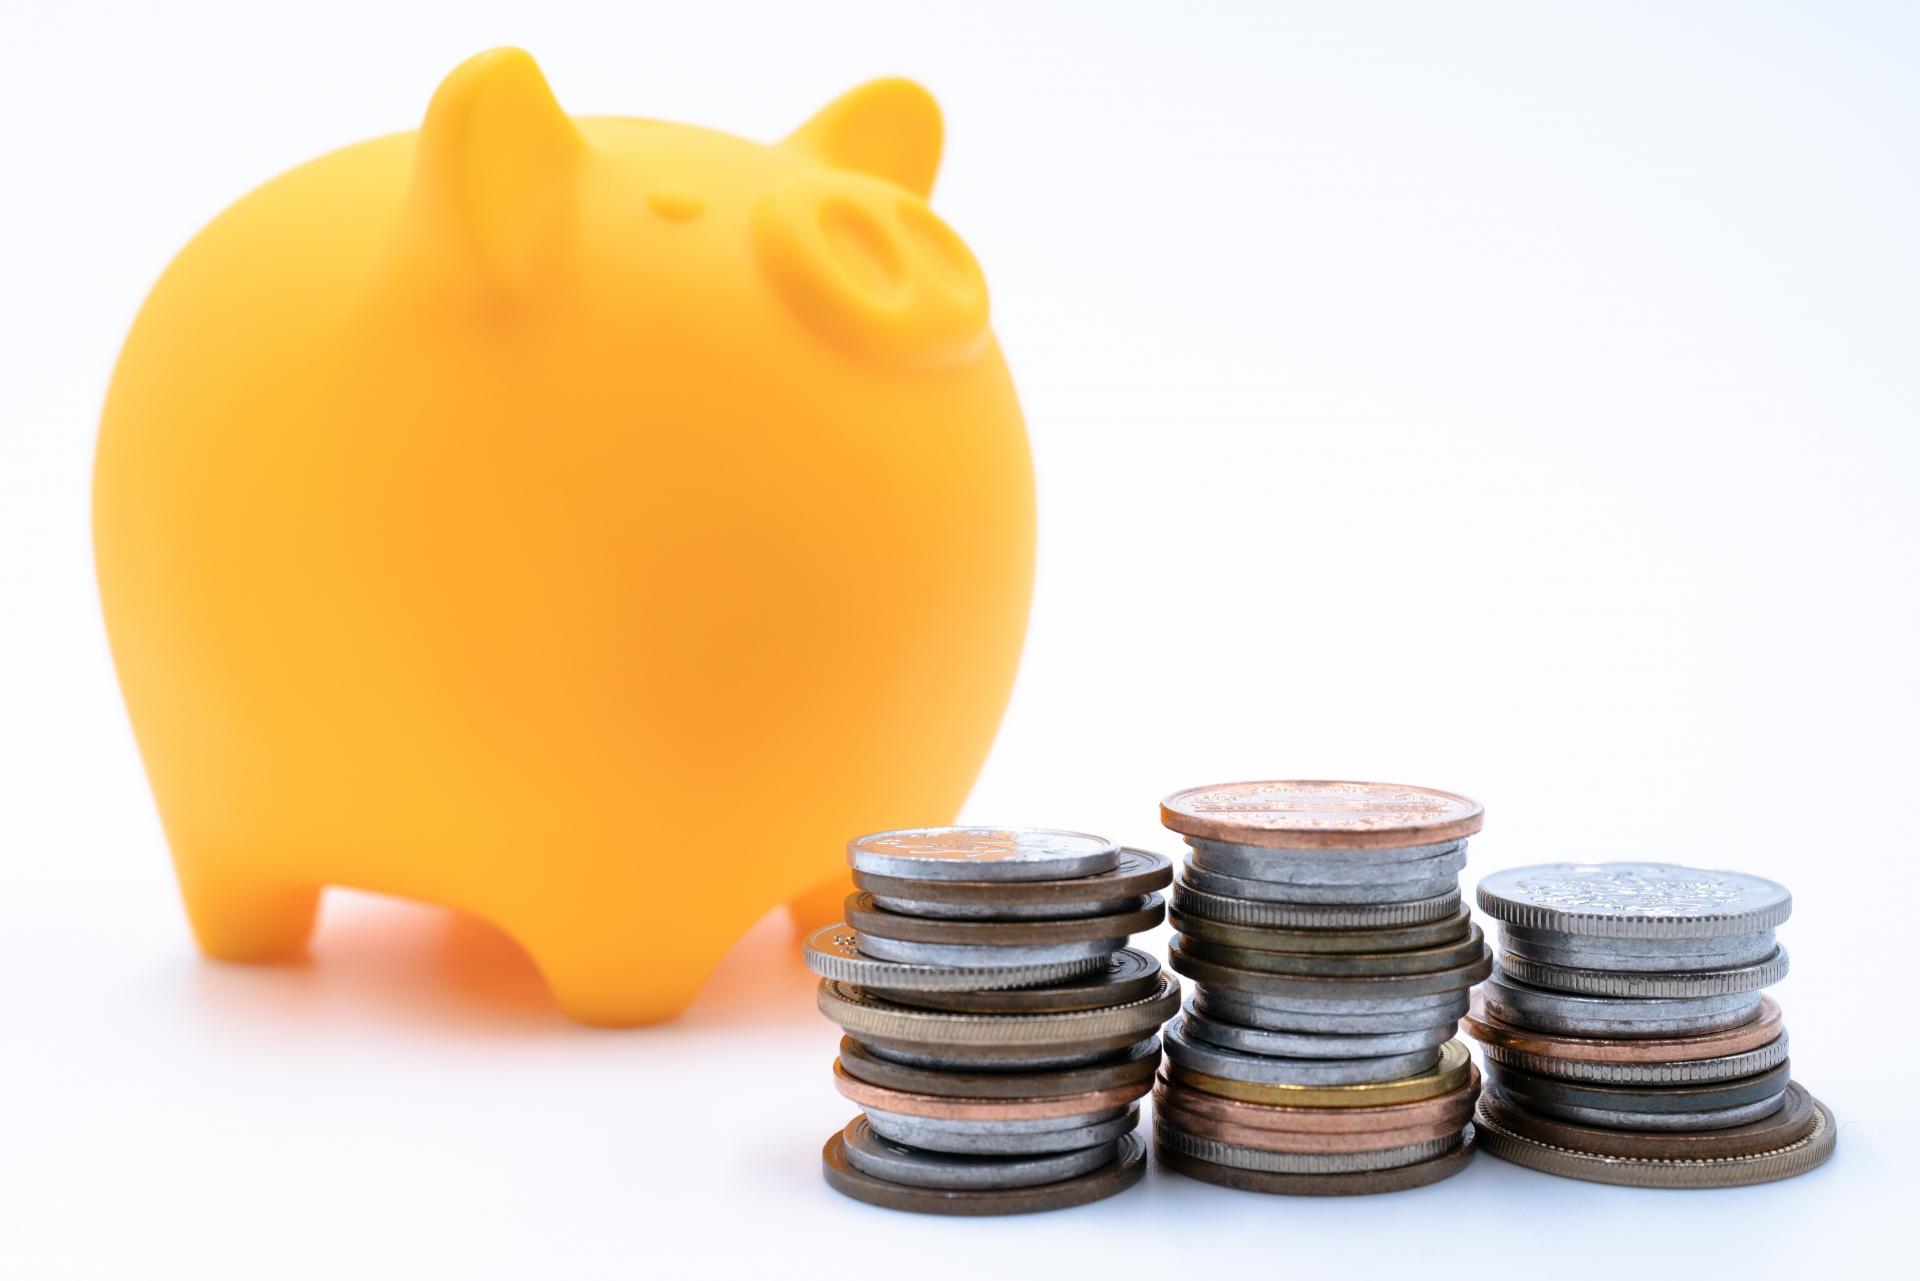 「「分散投資」で投資リスクのコントロールを。その必要性や運用方法とは?」イメージ画像